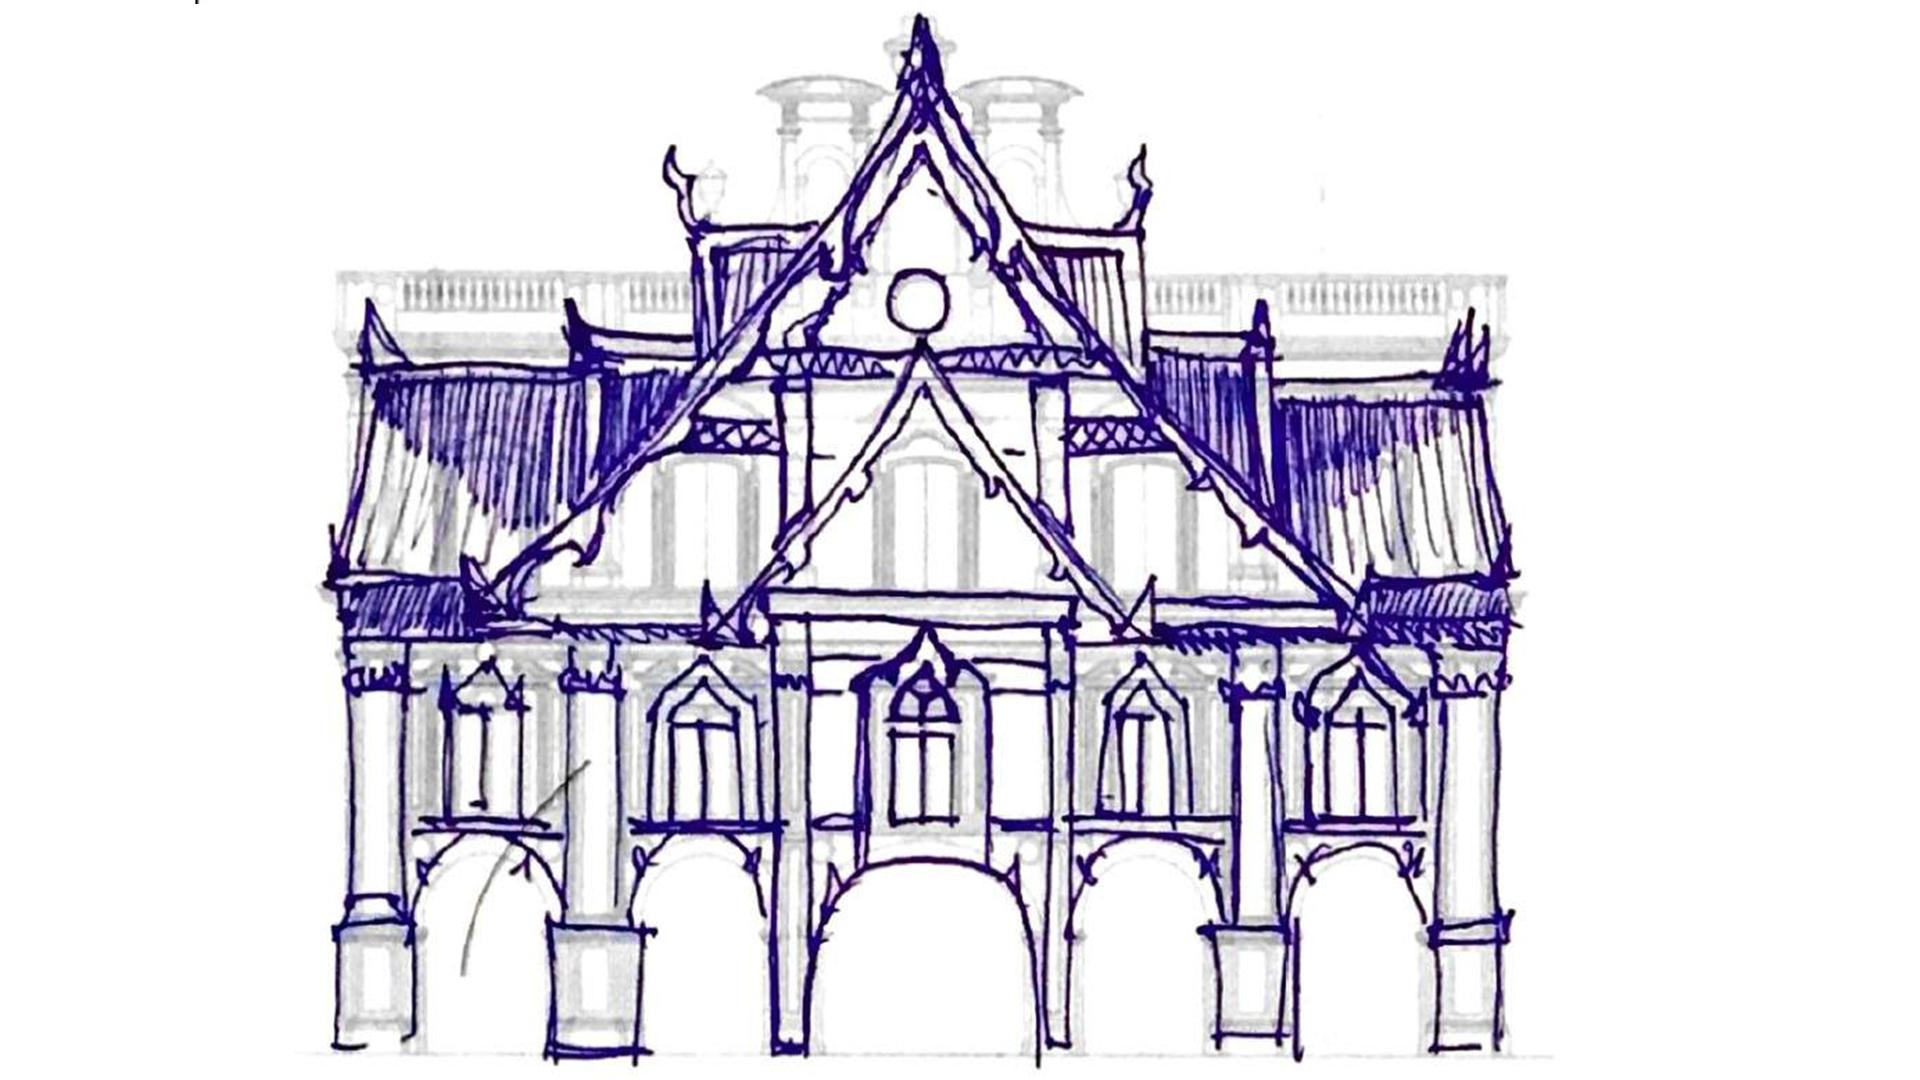 ภาพสเก็ต วัดเบญจมบพิตรเทียบกับ อาคารหน้าพลาซามายอร์